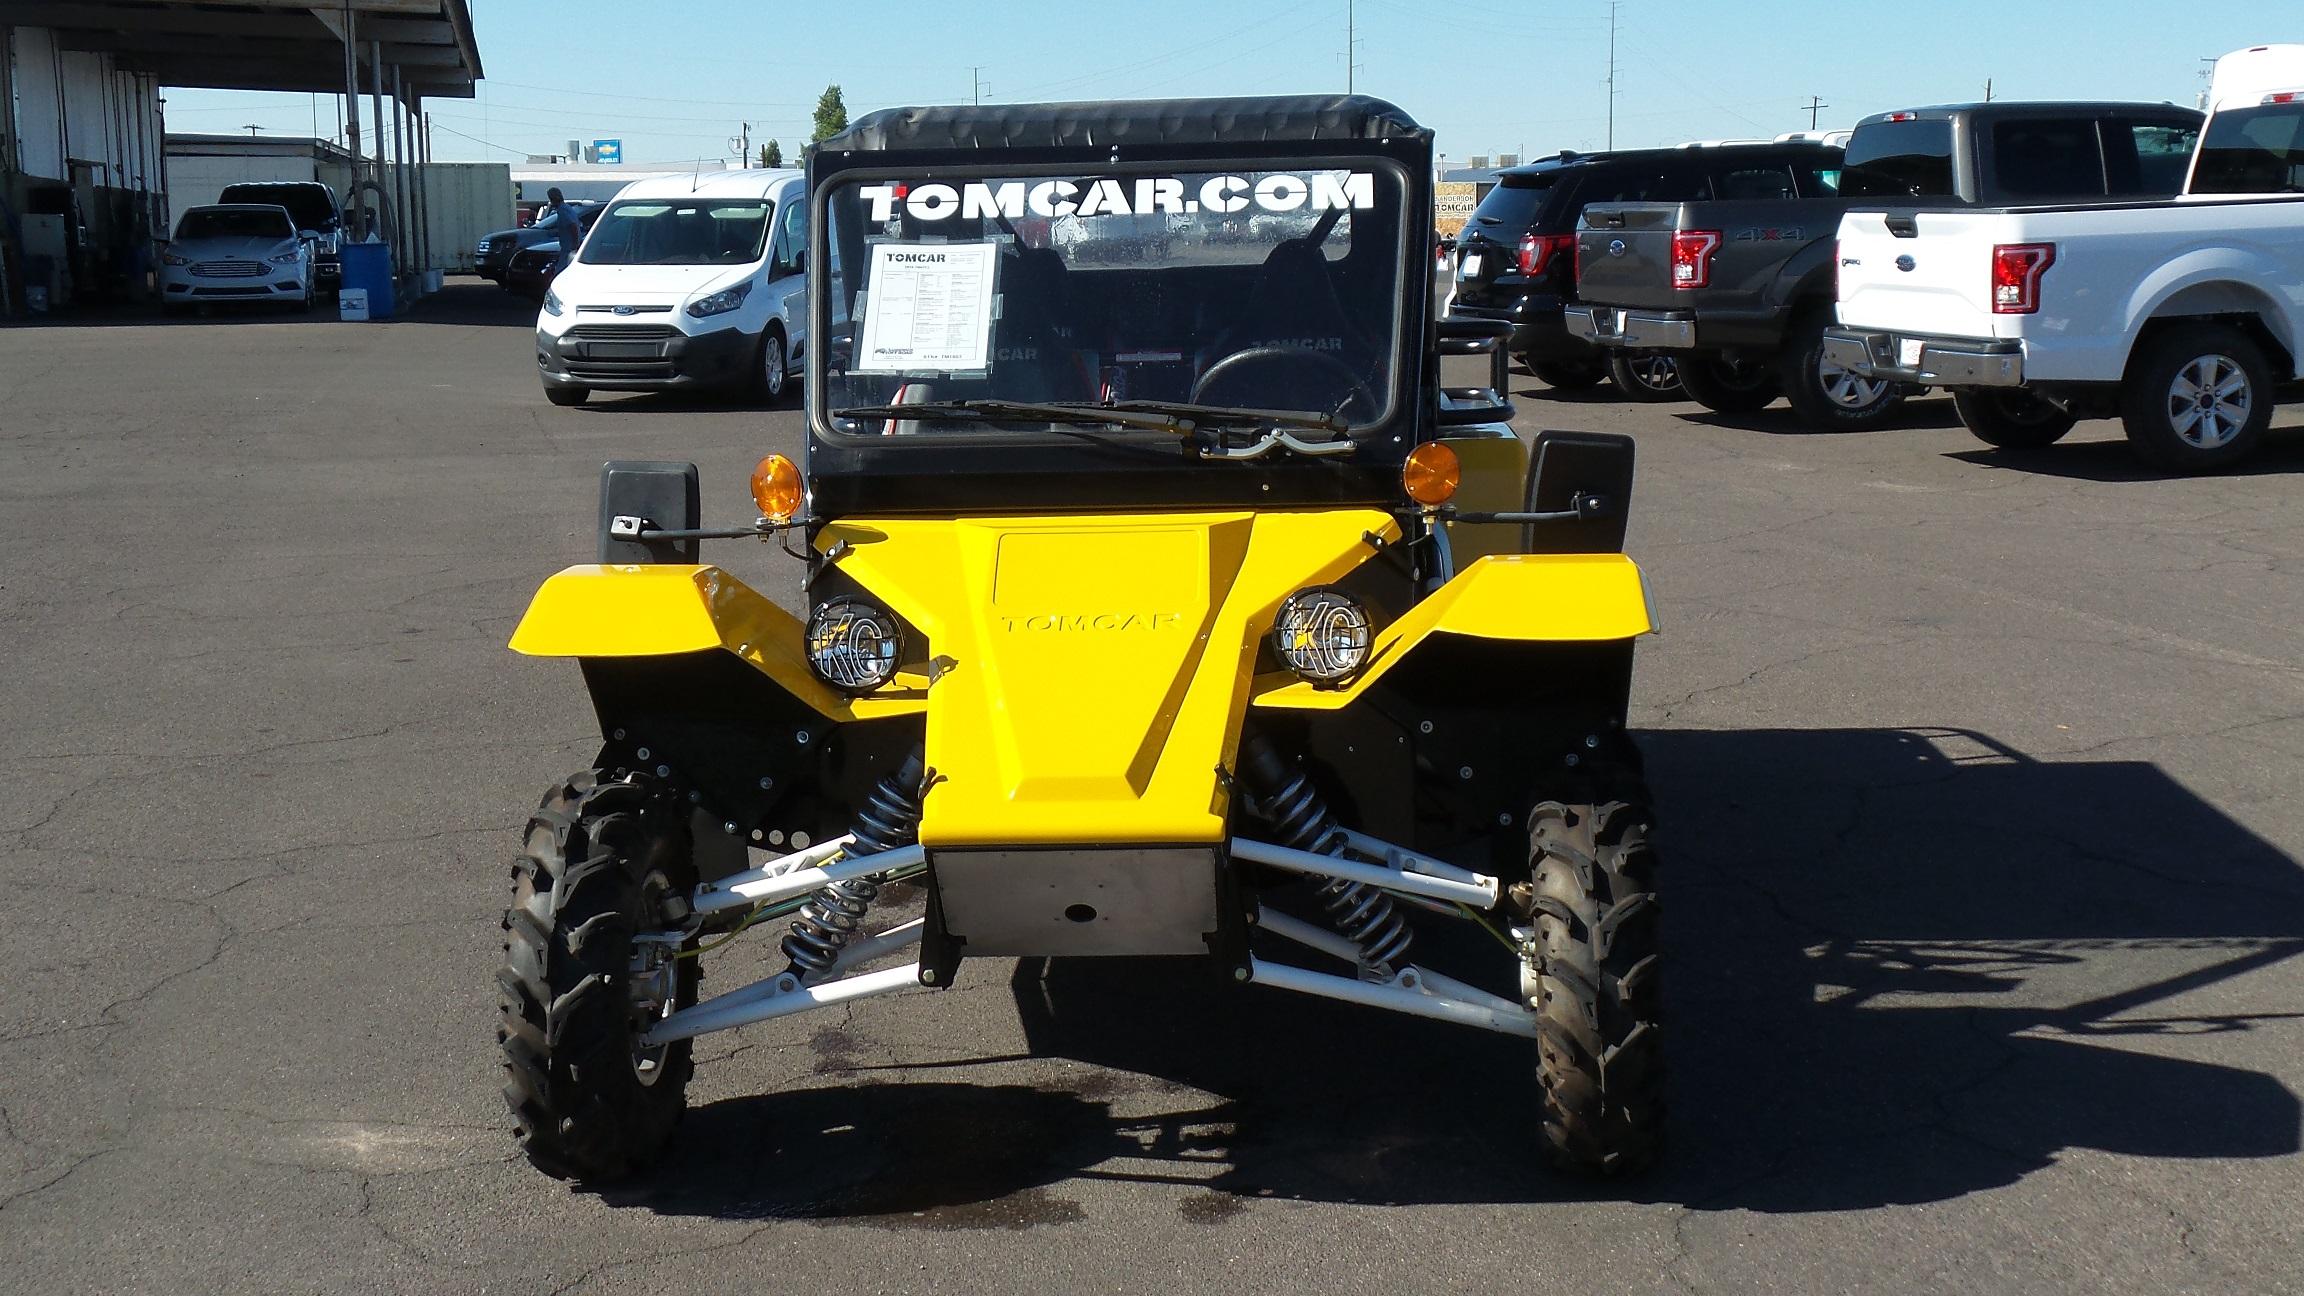 New Tomcars Sanderson Ford Glendale AZ